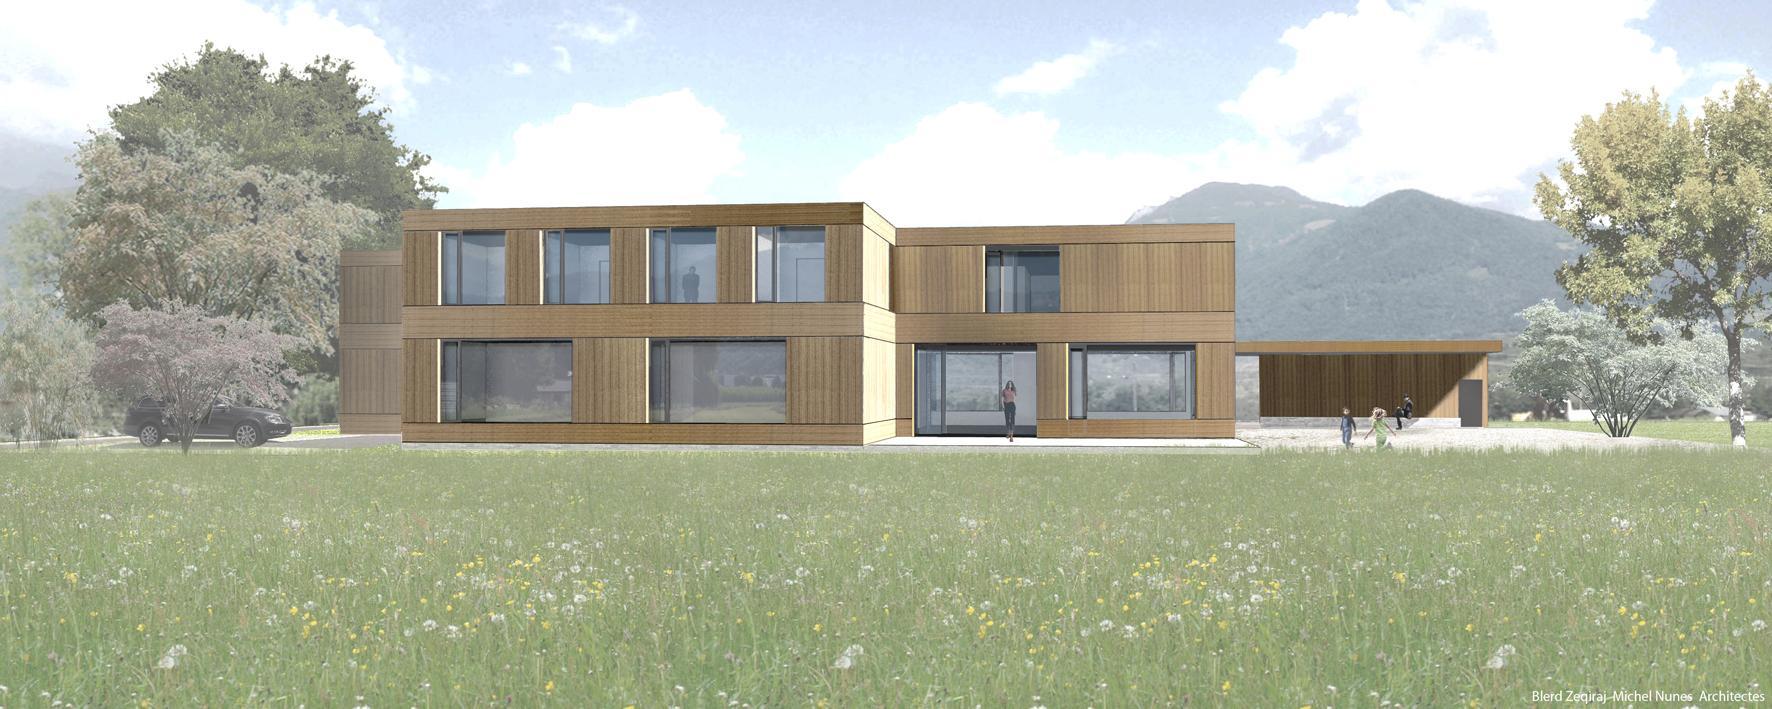 Construction d'un foyer d'accueil pour 14 enfants ou adolescents en âge de scolarité à Collombey-le-Grand, Blerd Zeqiraj et Michel Nunes Architectes, A L'ABORDAGE